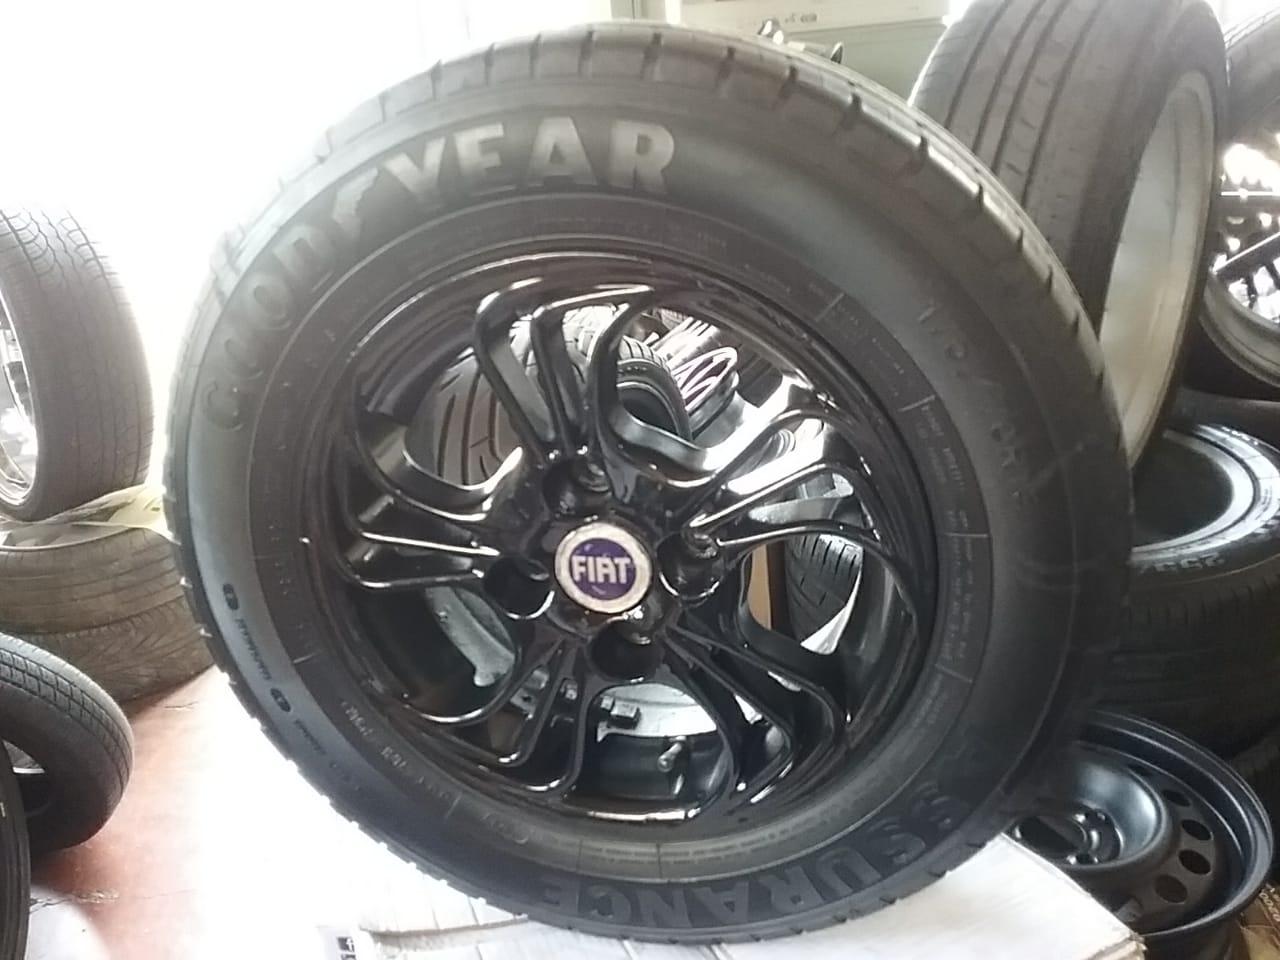 Jogo de rodas aro 13 Fiat 4/98 usadas com pneus Goodyear